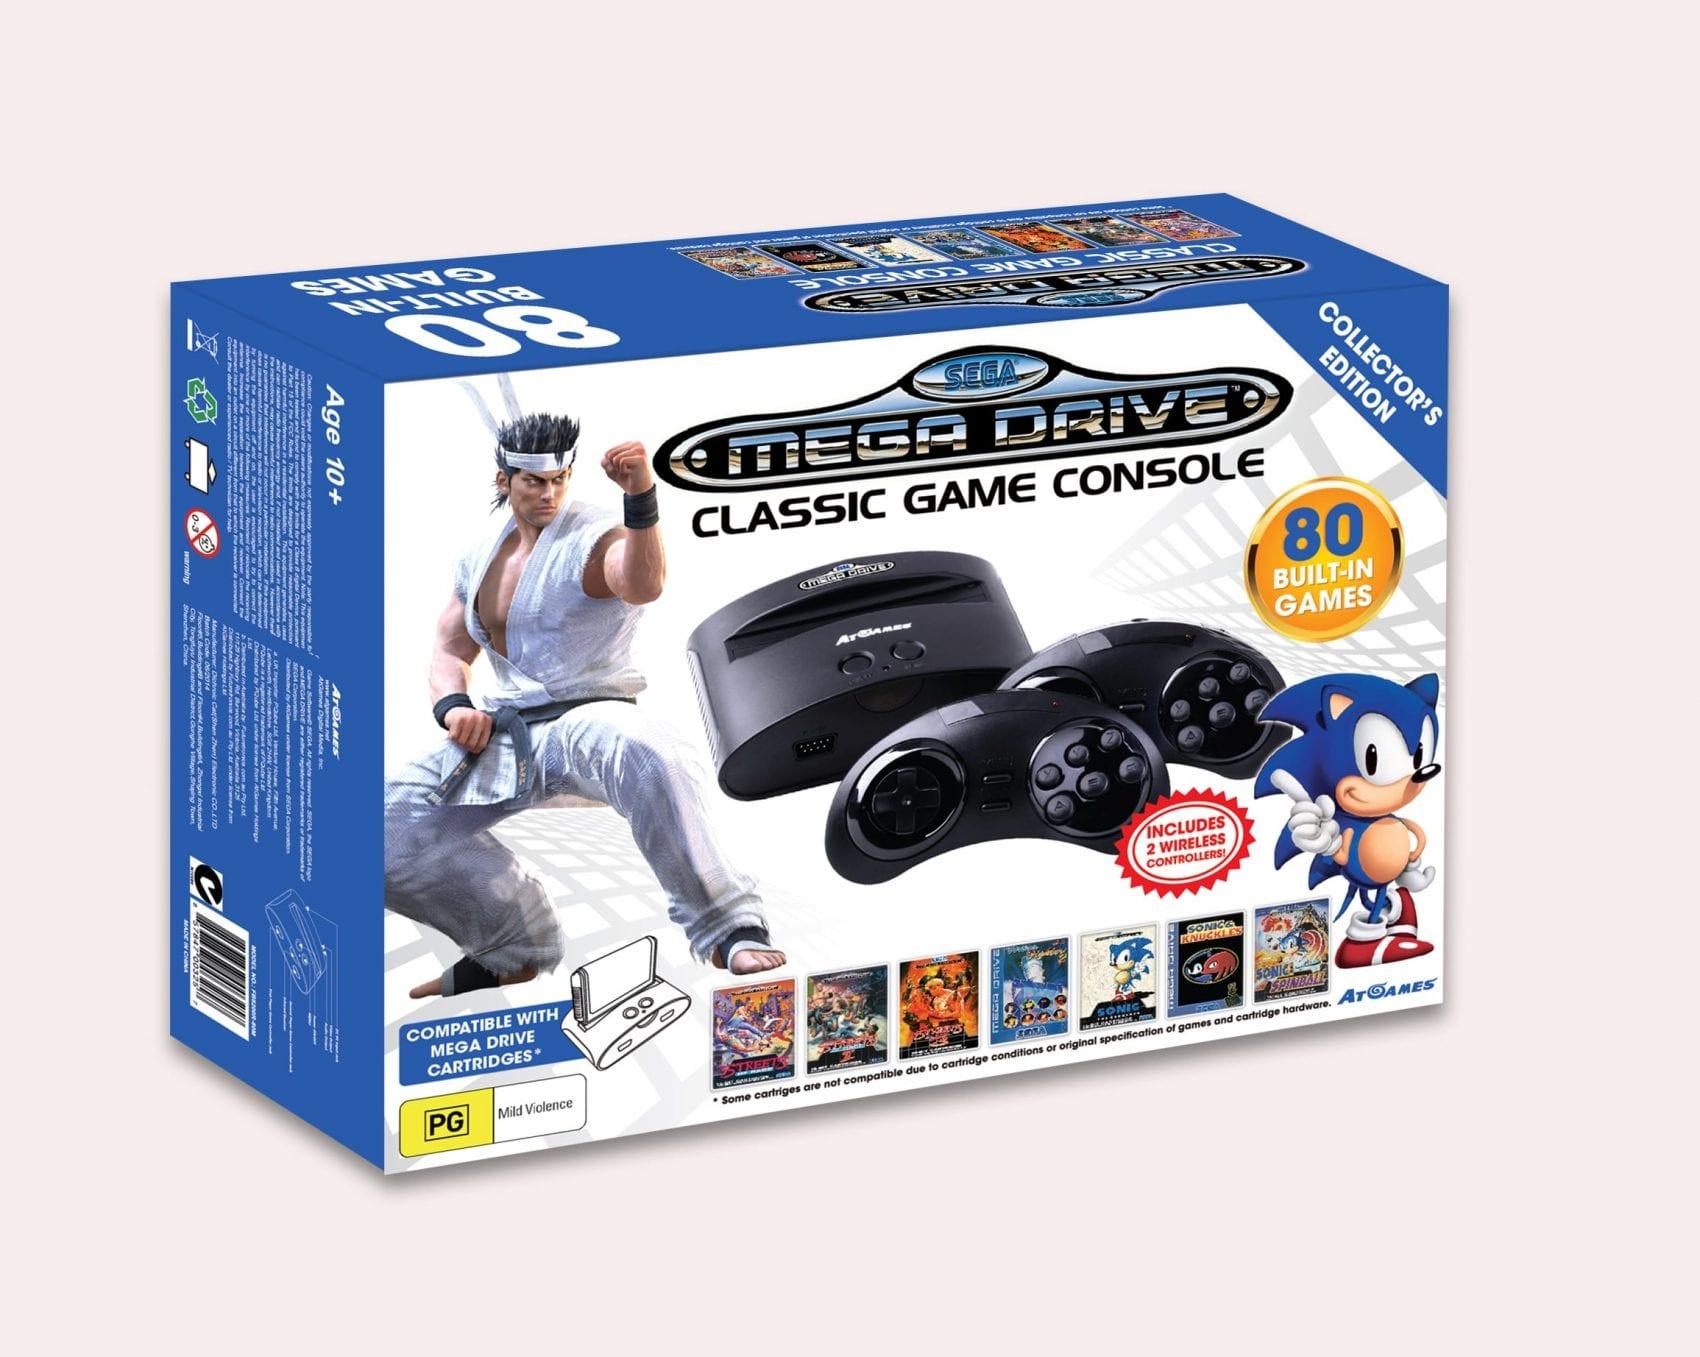 Mega Drive Classic Game Console News My Geek Actu